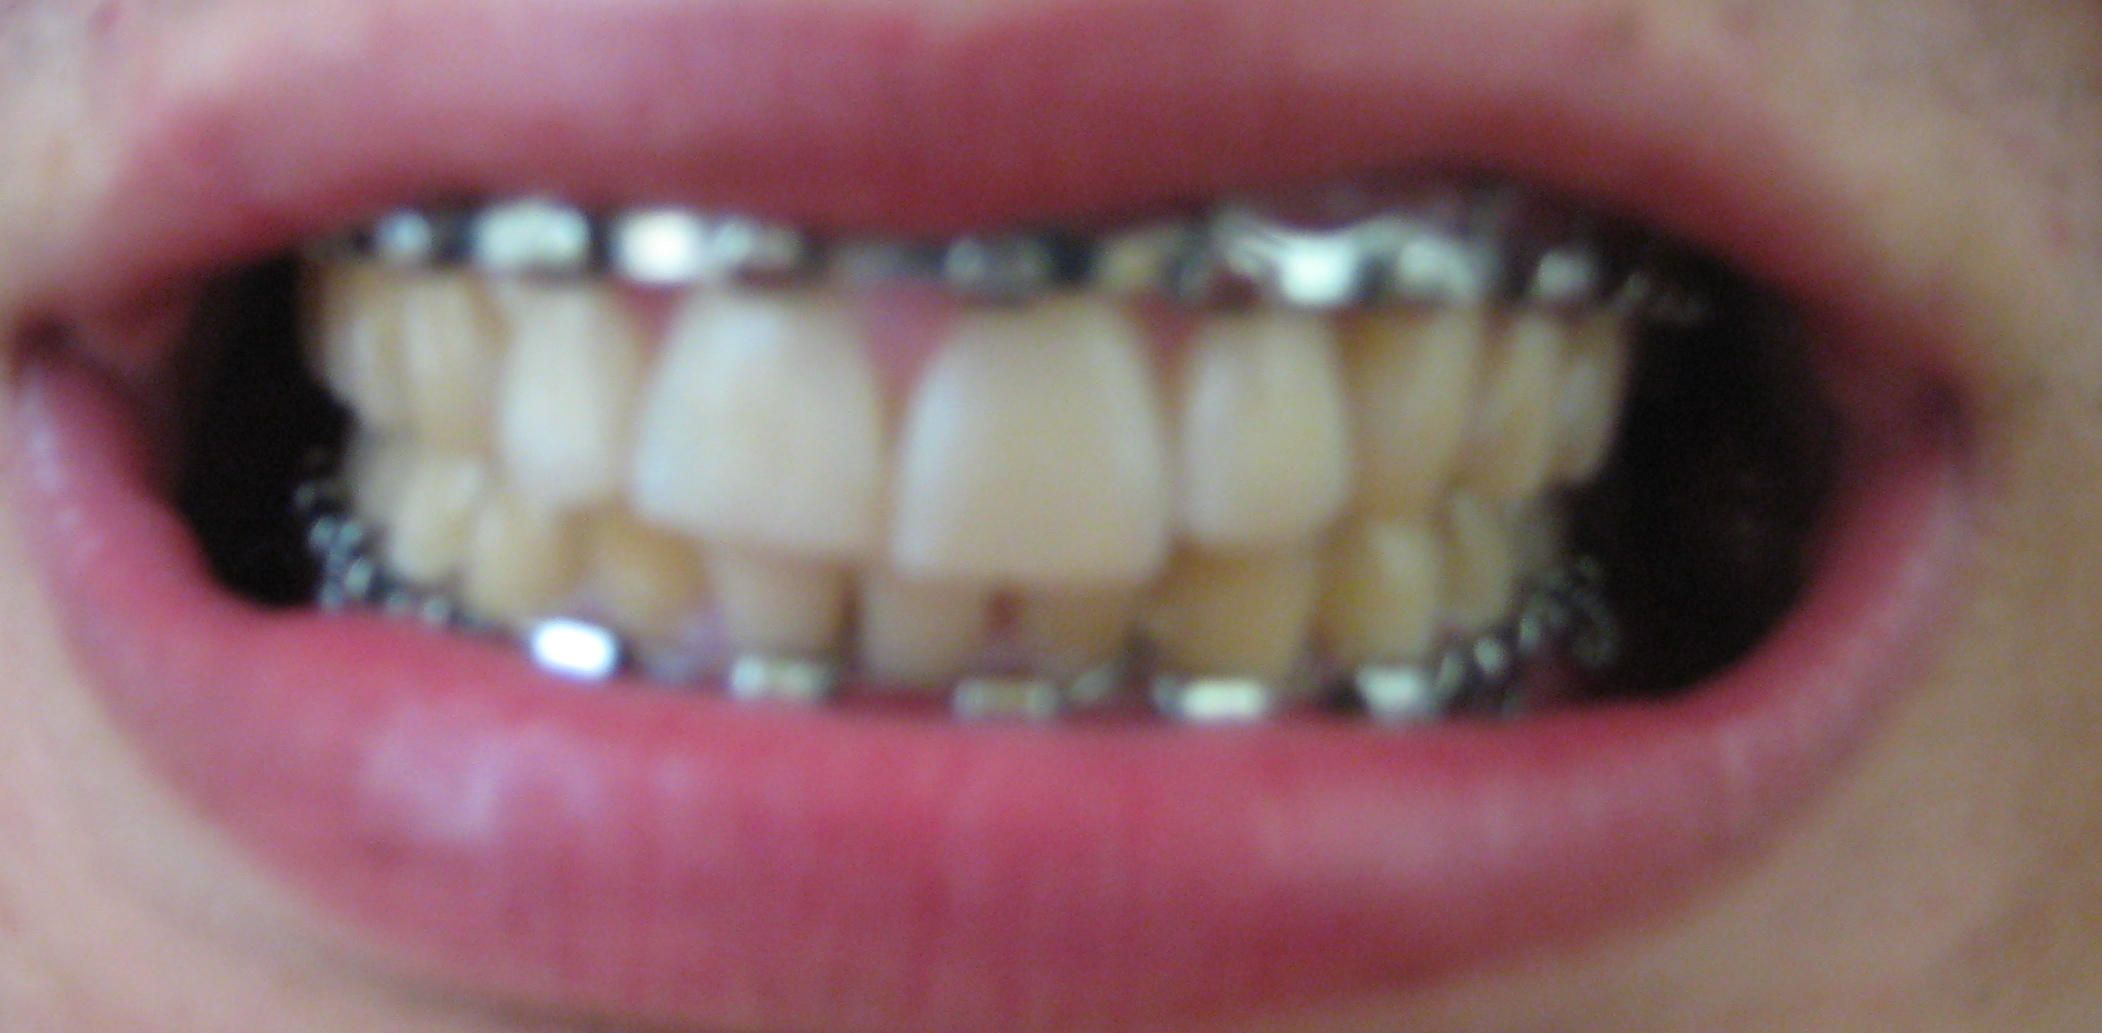 Repaired teeth